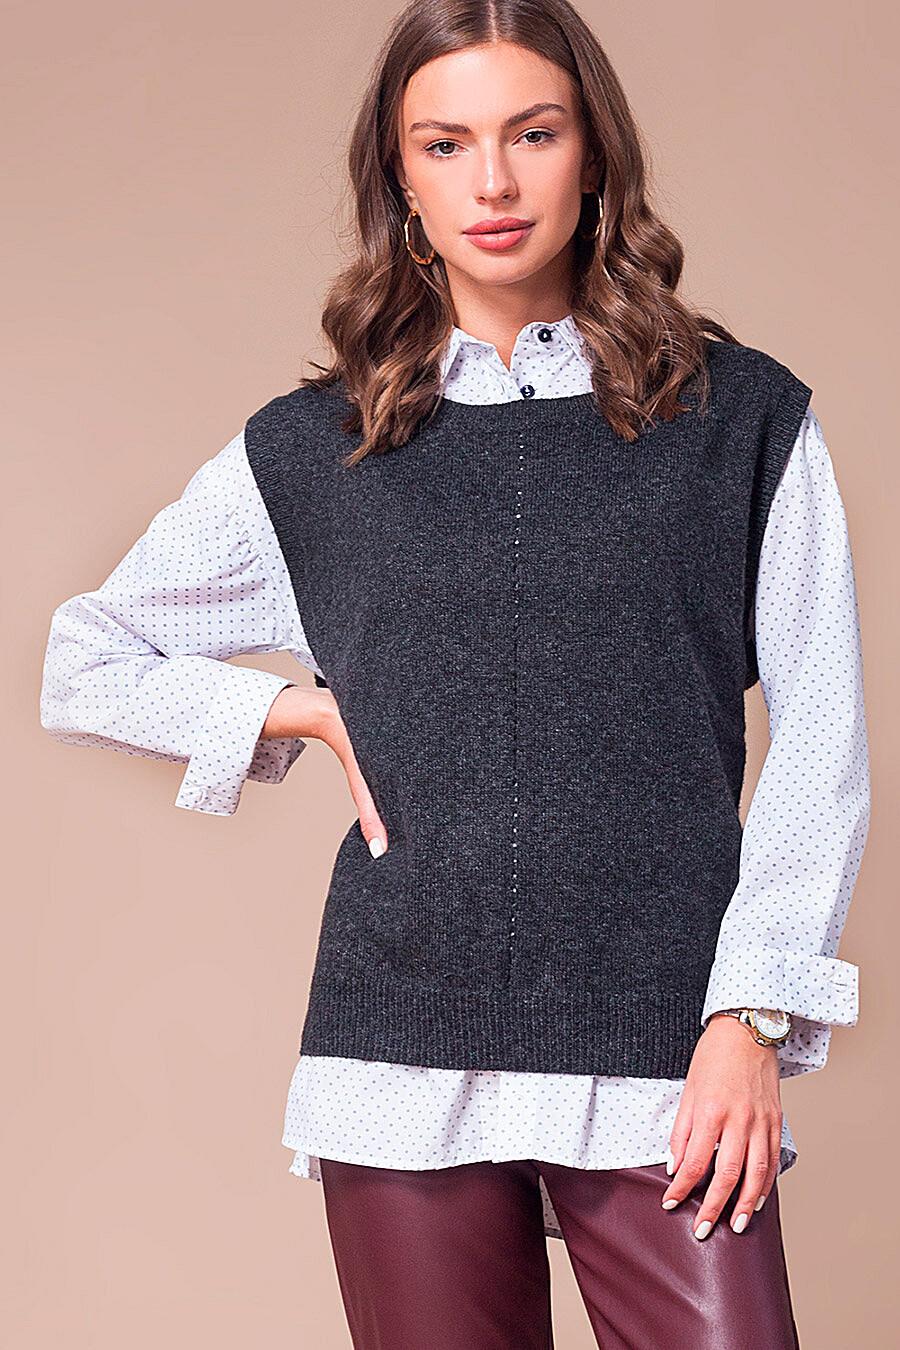 Жилет для женщин VILATTE 700255 купить оптом от производителя. Совместная покупка женской одежды в OptMoyo